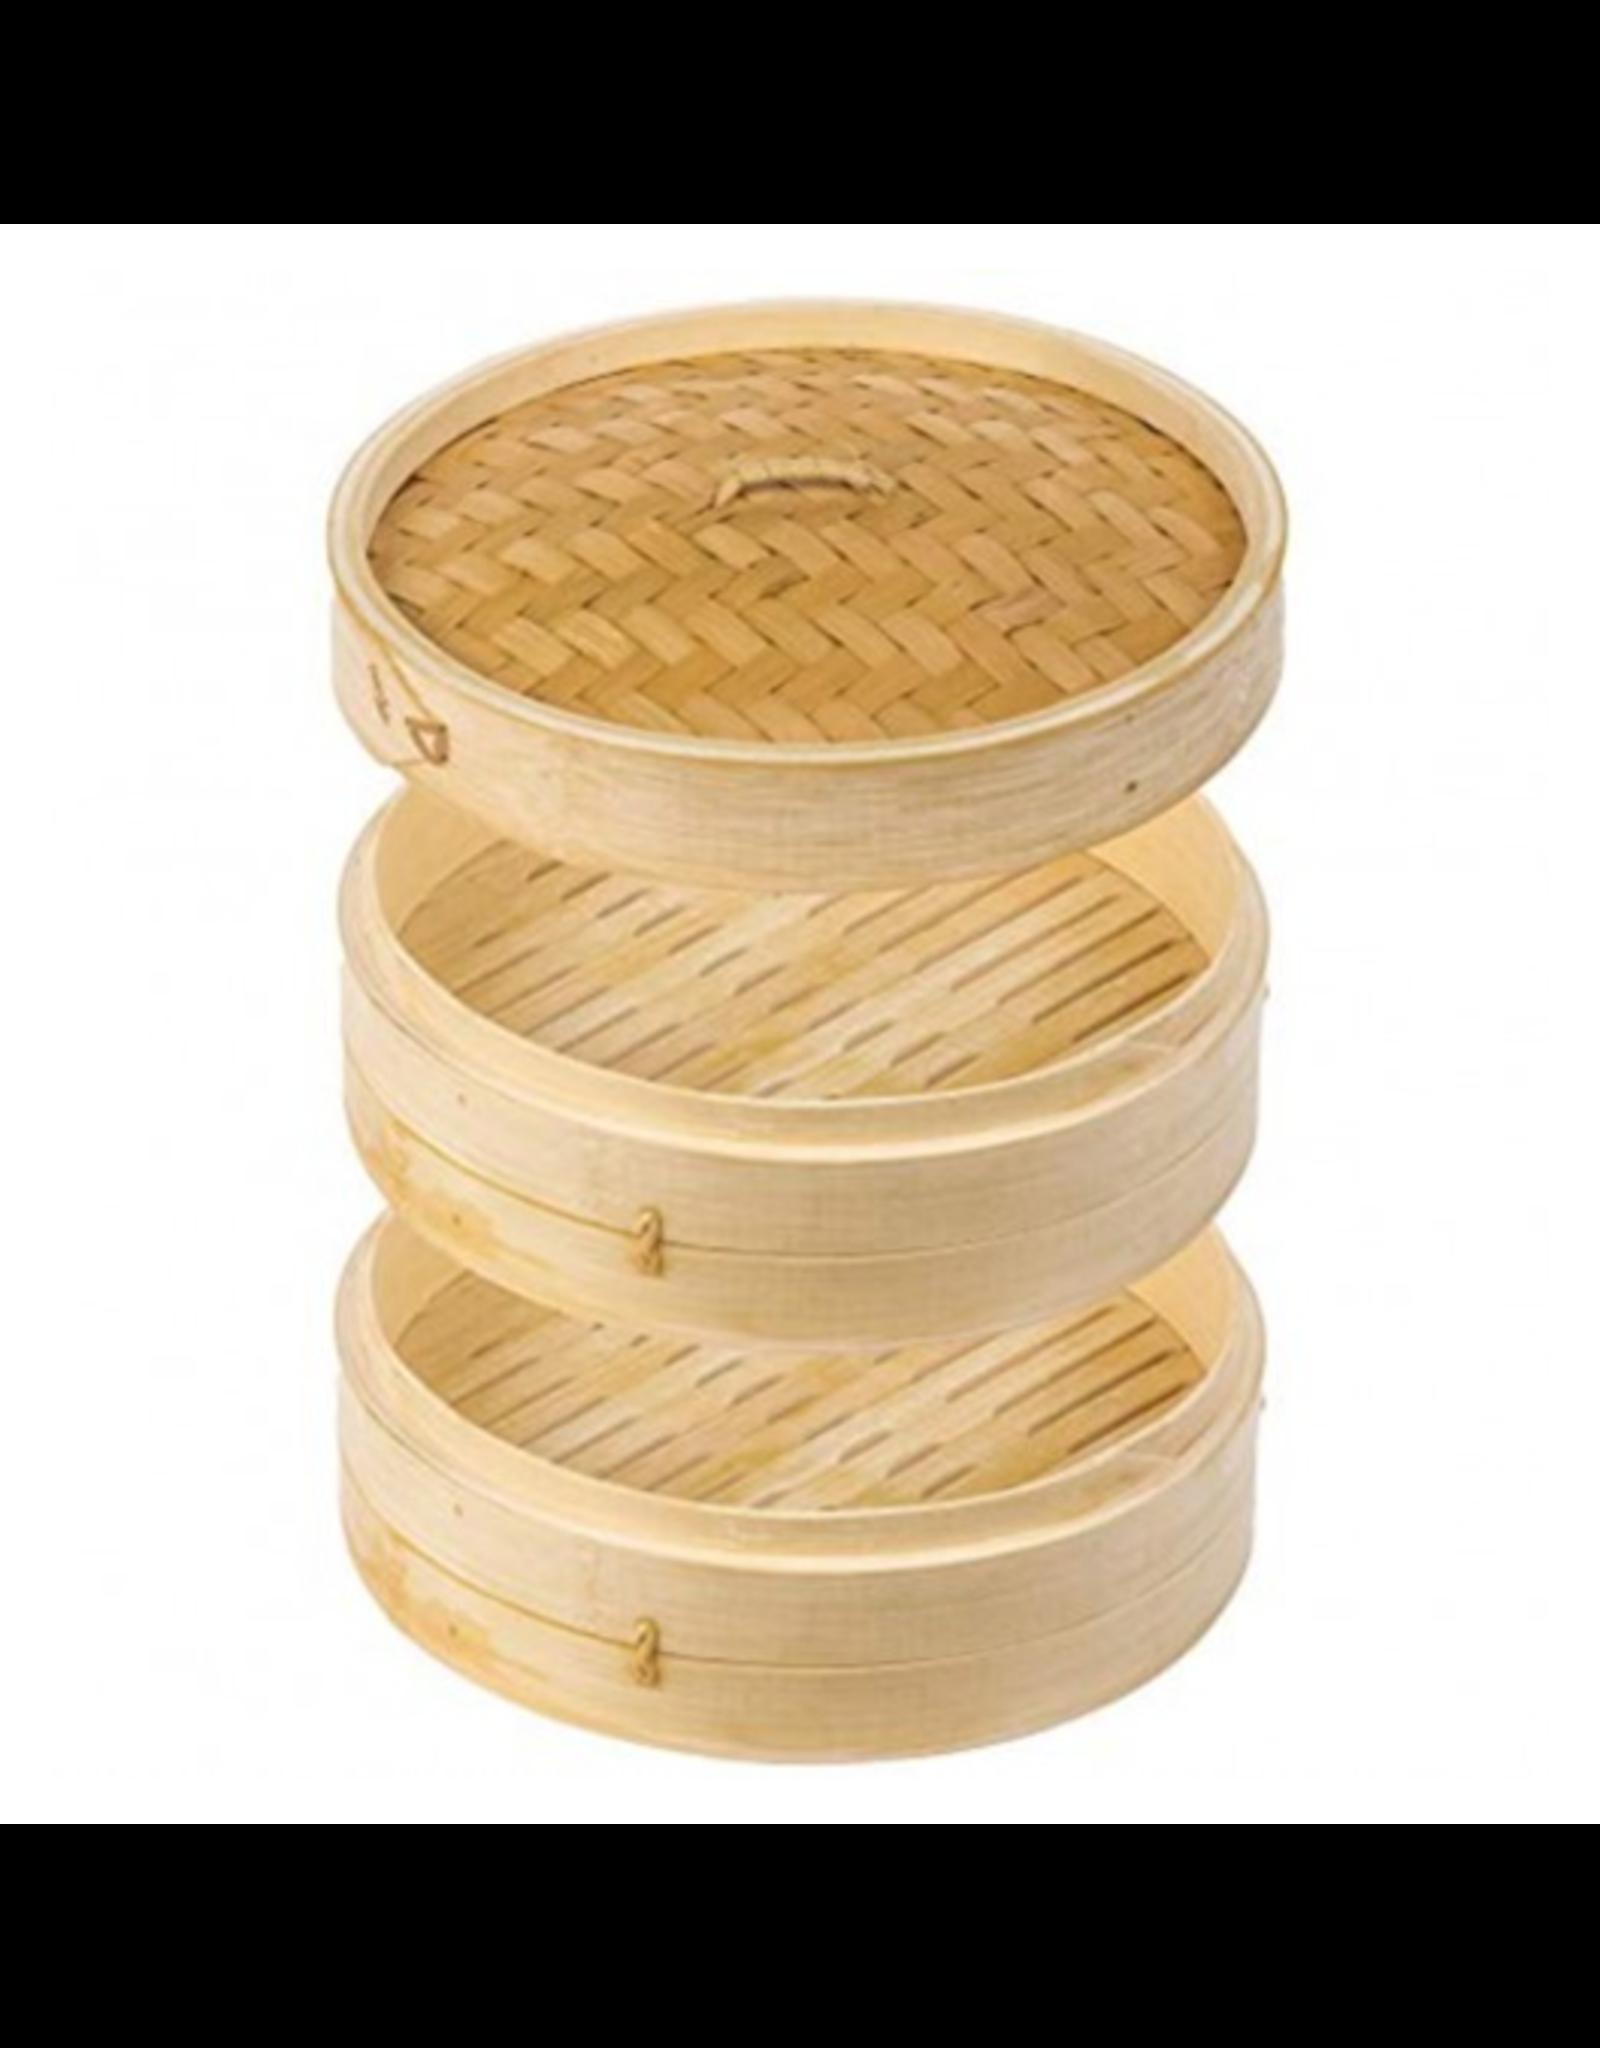 Bamboo steamer 25 cm